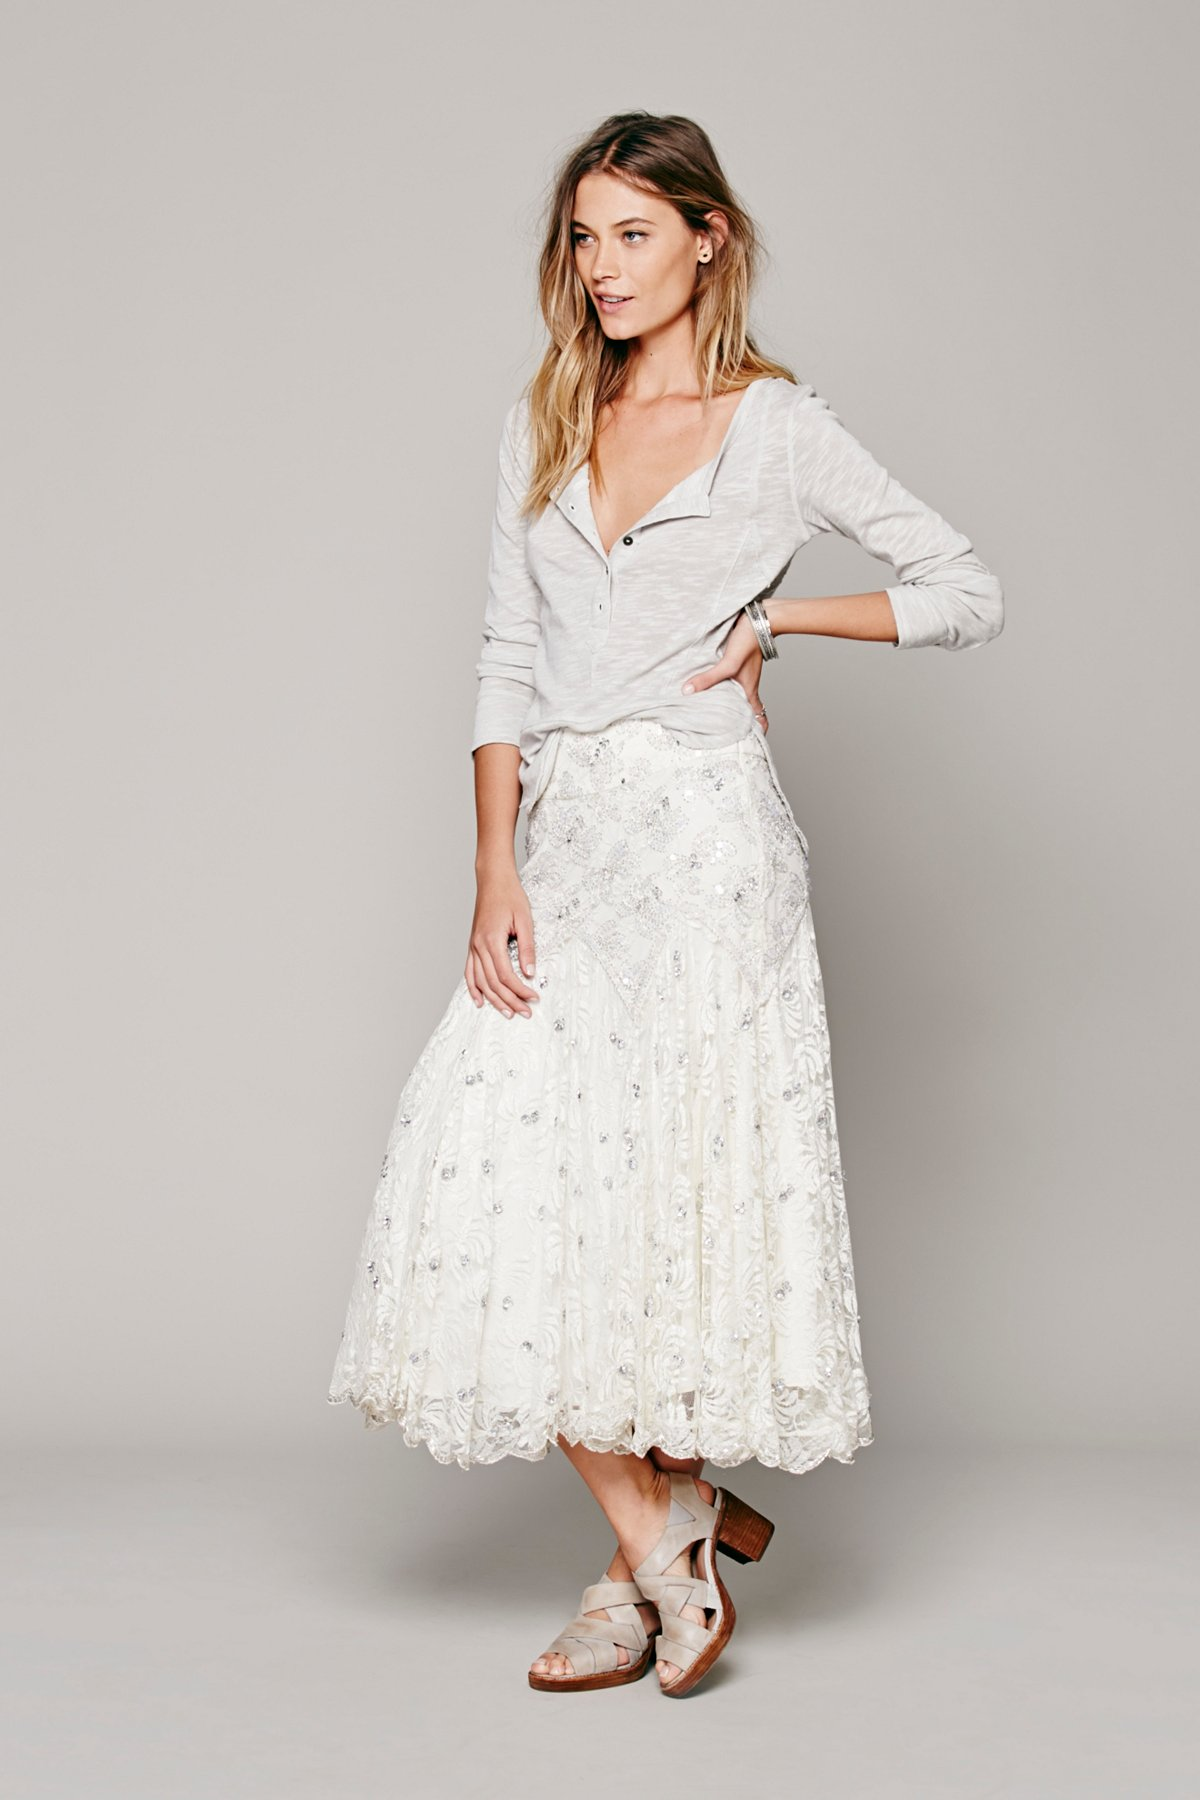 Daisy's Tea Skirt